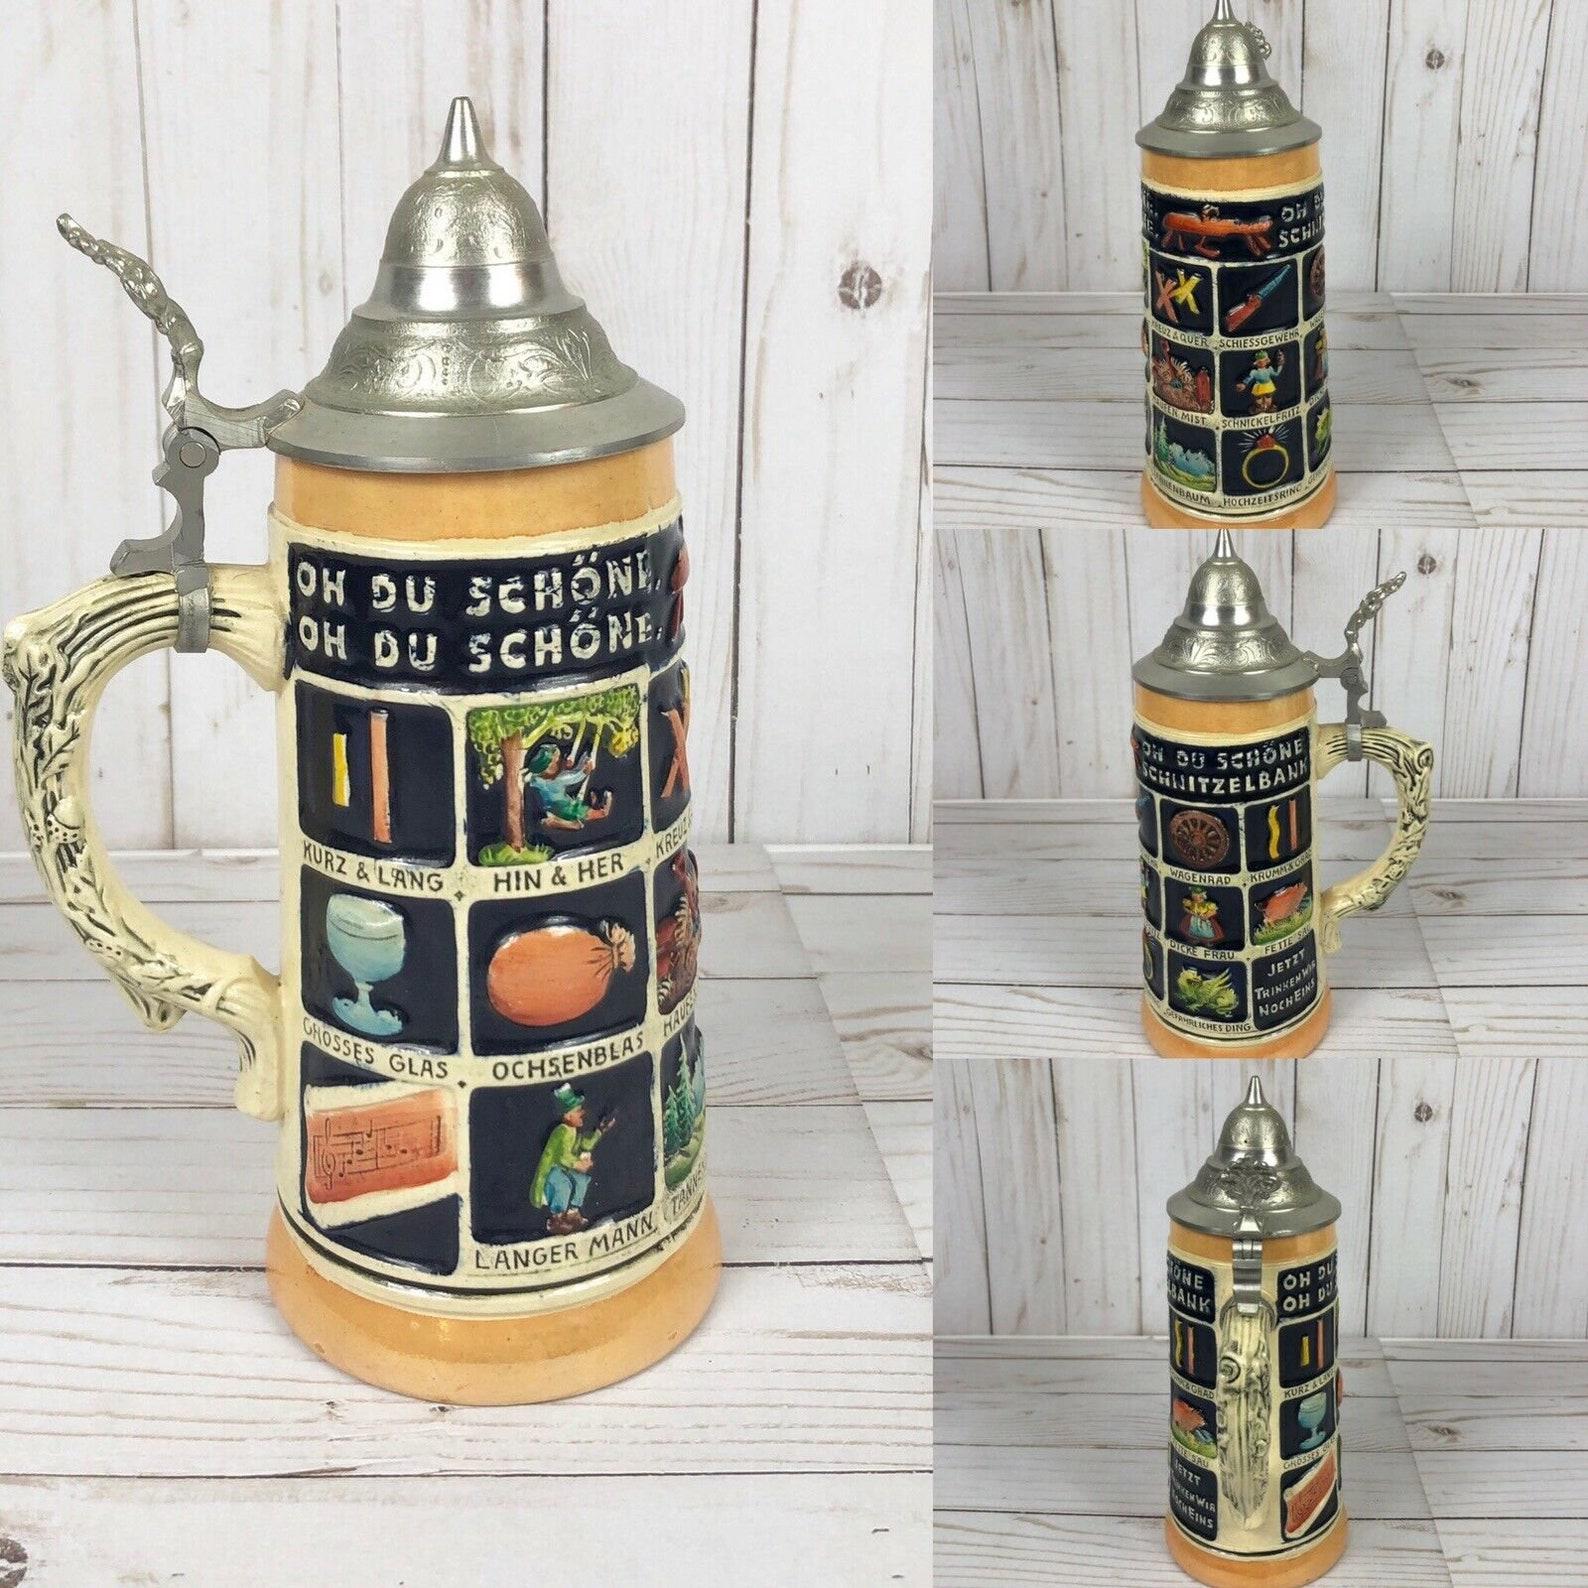 Vintage Musterschutz Genuine German Beerstein Oh Du Schone Schnitzelbank